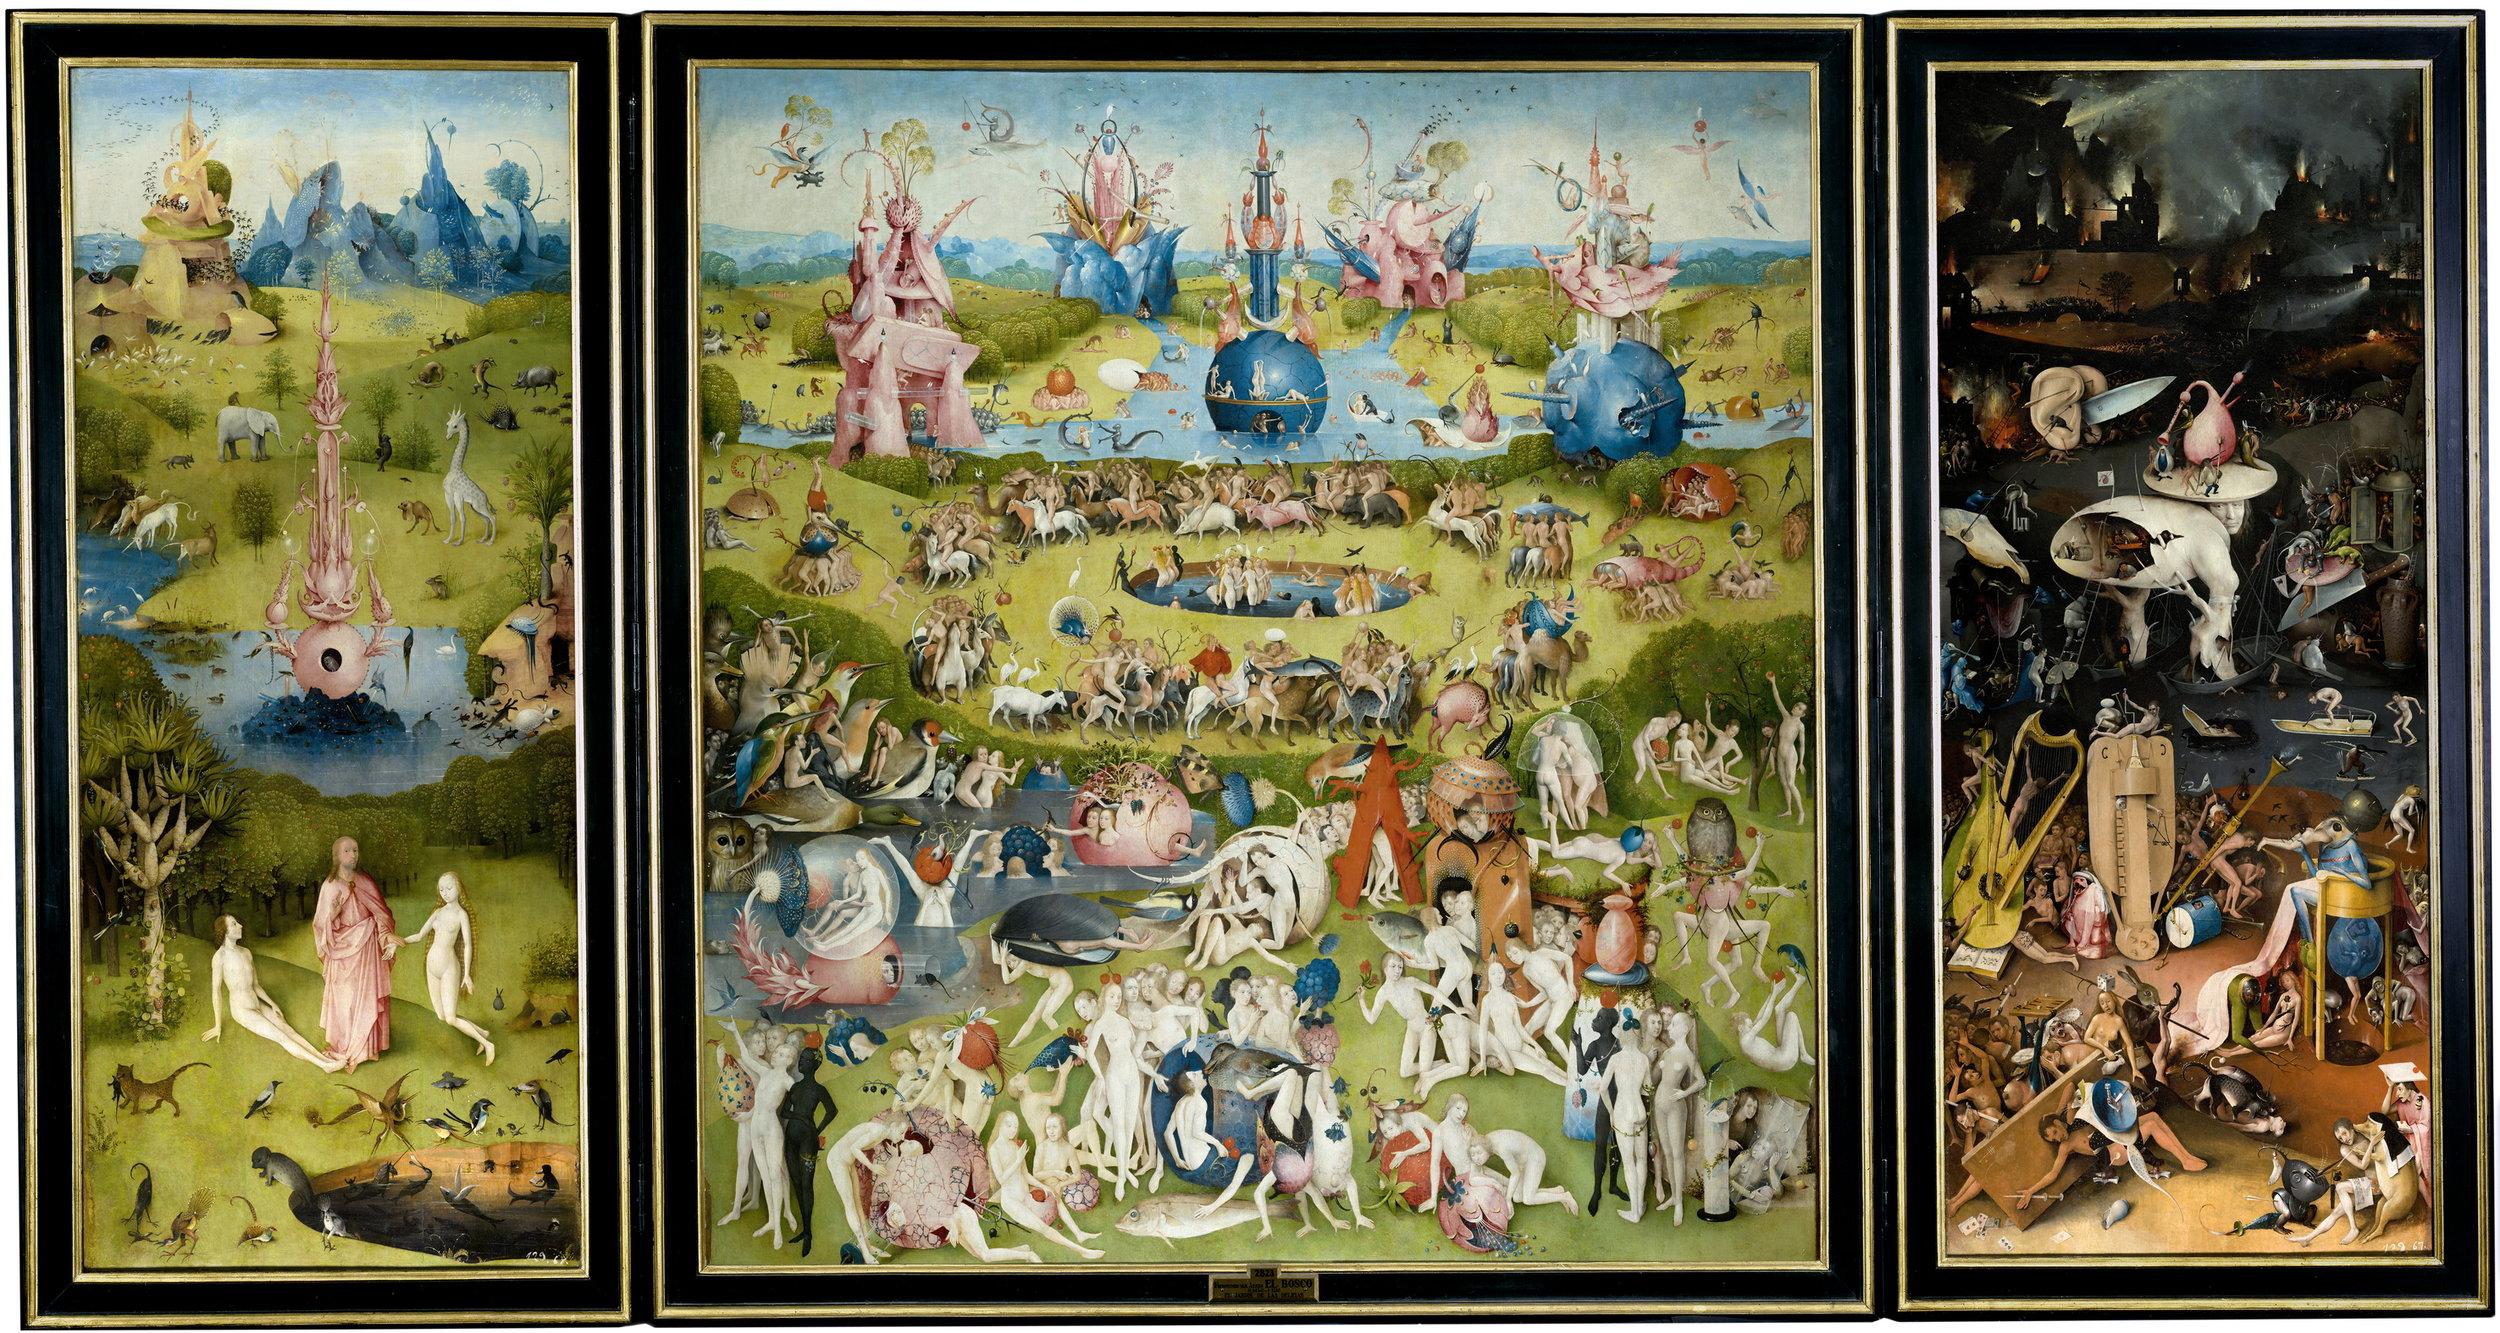 El Jardín, como toda la obra del Bosco, está lleno de   sátira y simbolismo. Sus temas son los excesos de la conducta humana –gentes sin dios ni ley, entregadas a los placeres–, el pecado y los castigos por venir.